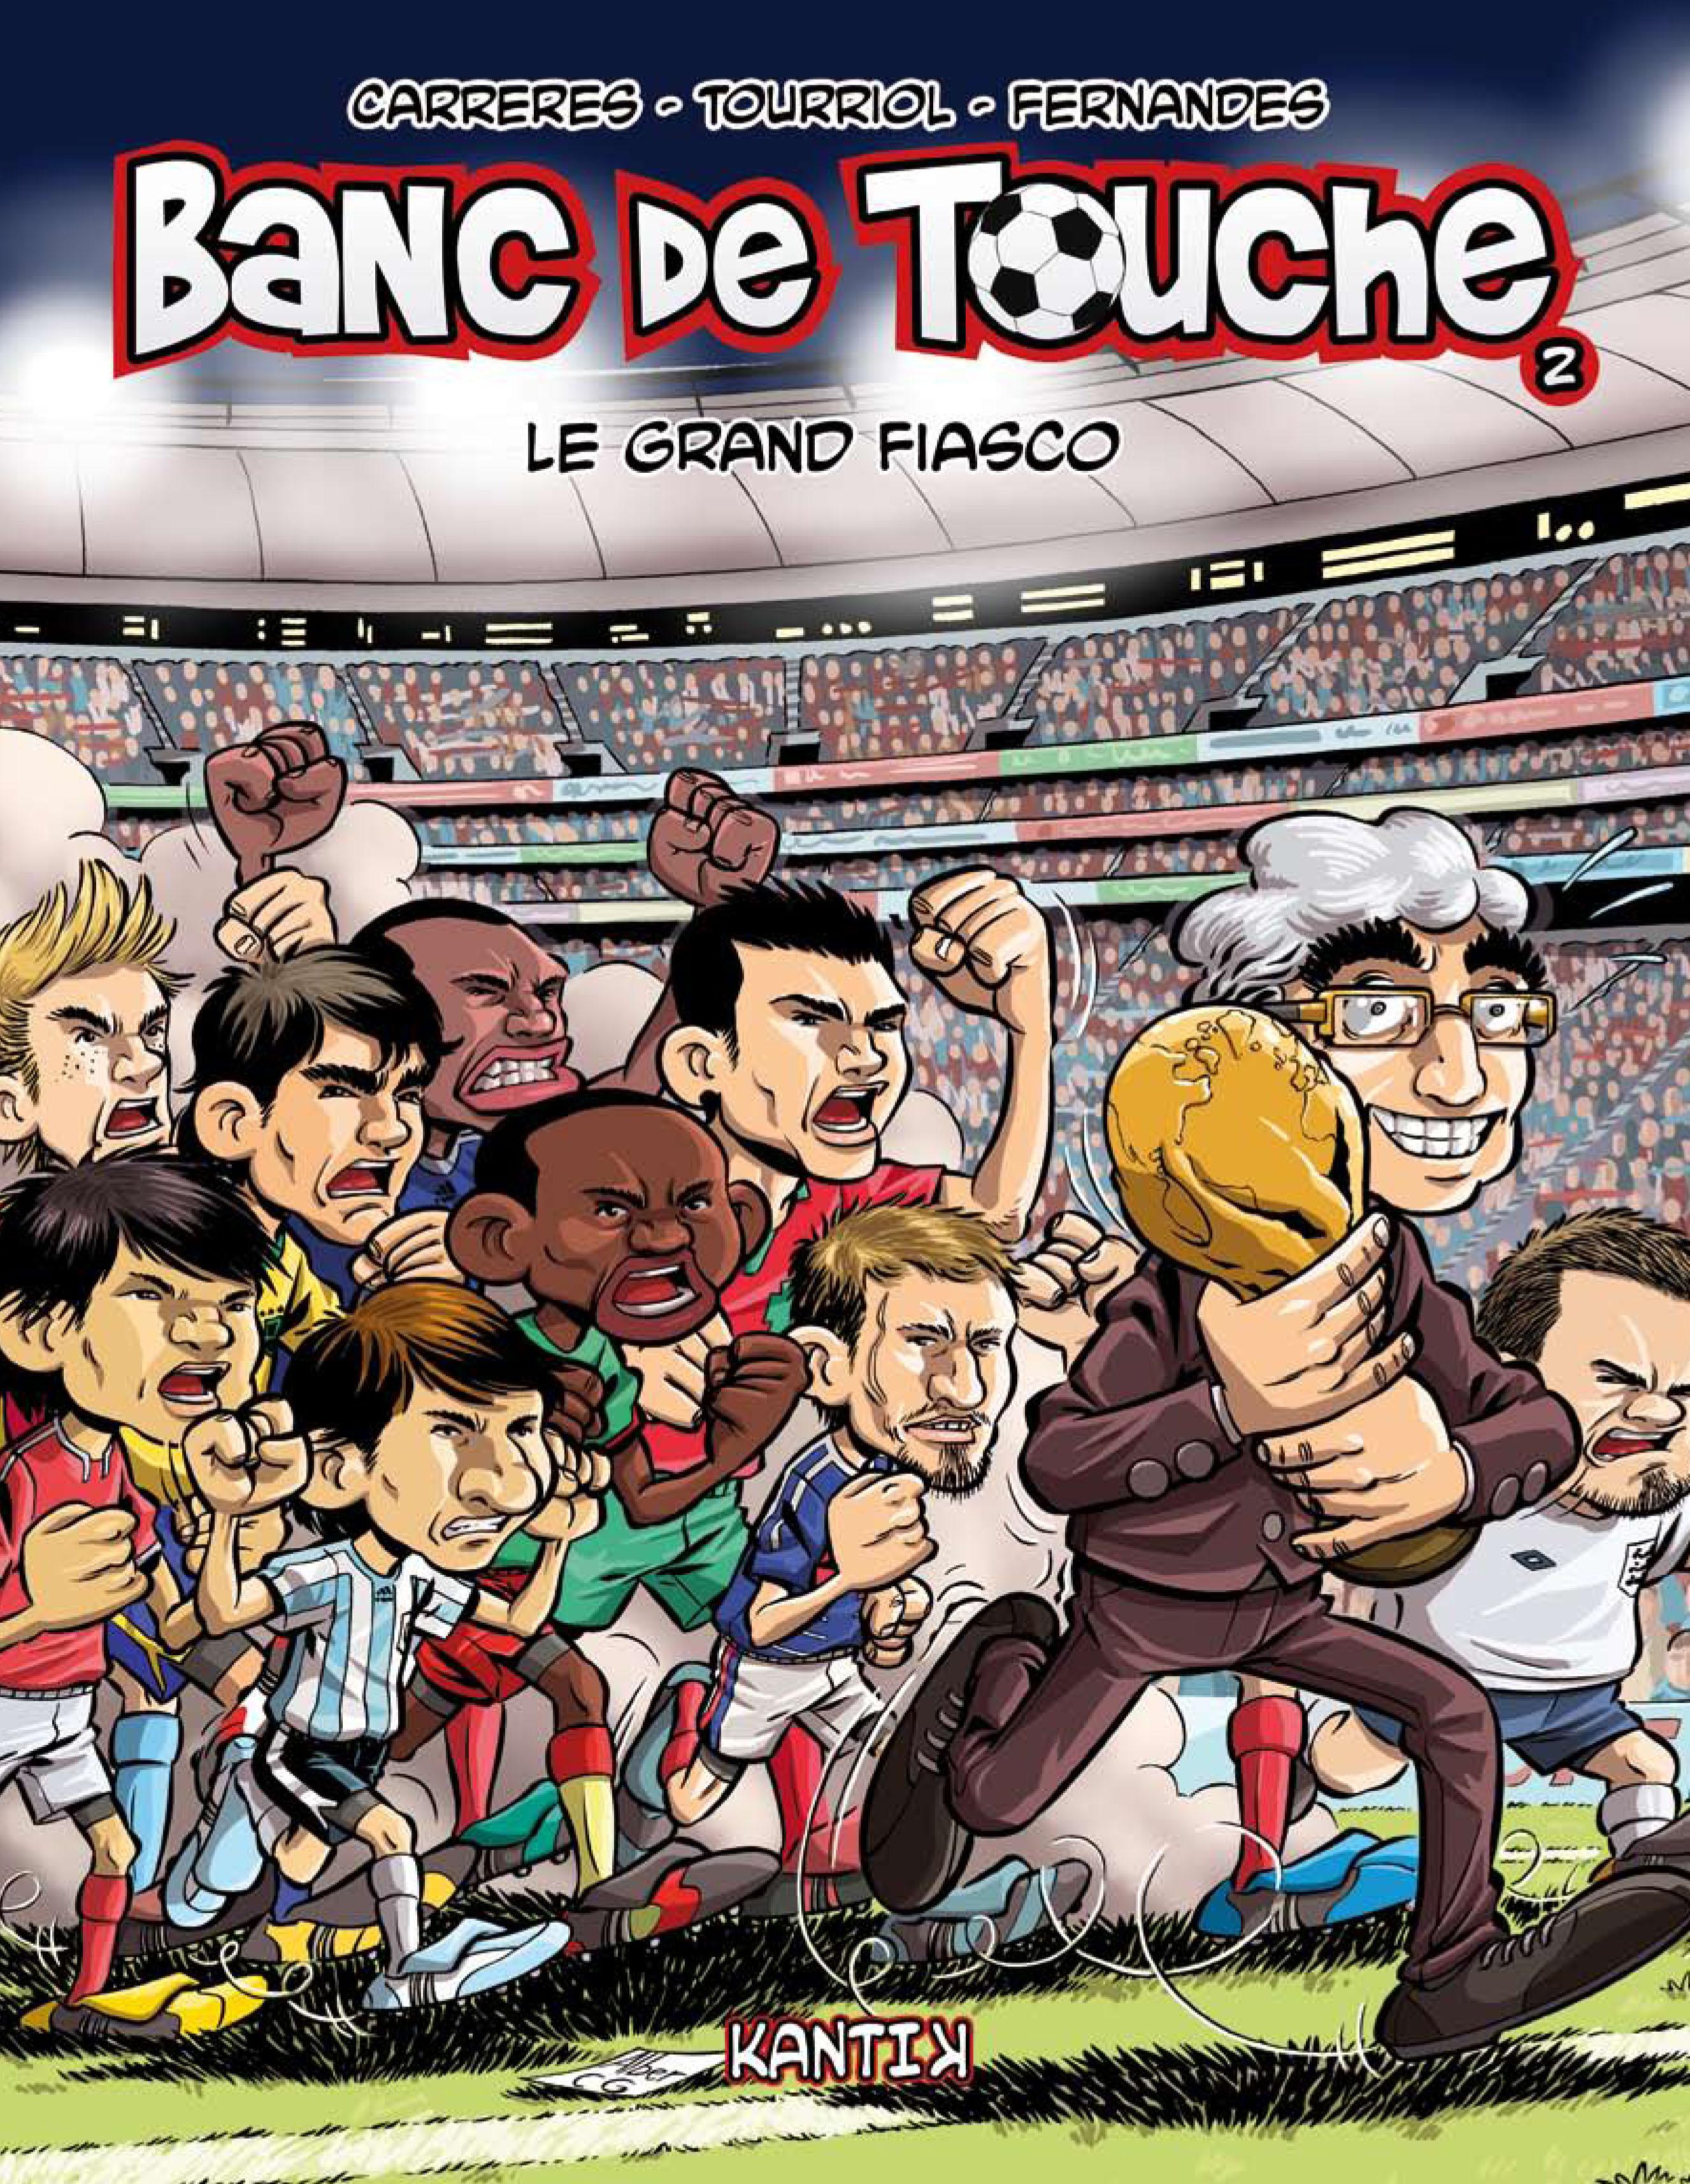 Banc de touche t2 : Le Grand Fiasco © Edmond Tourriol, Daniel Fernandes, Albert Carreres.